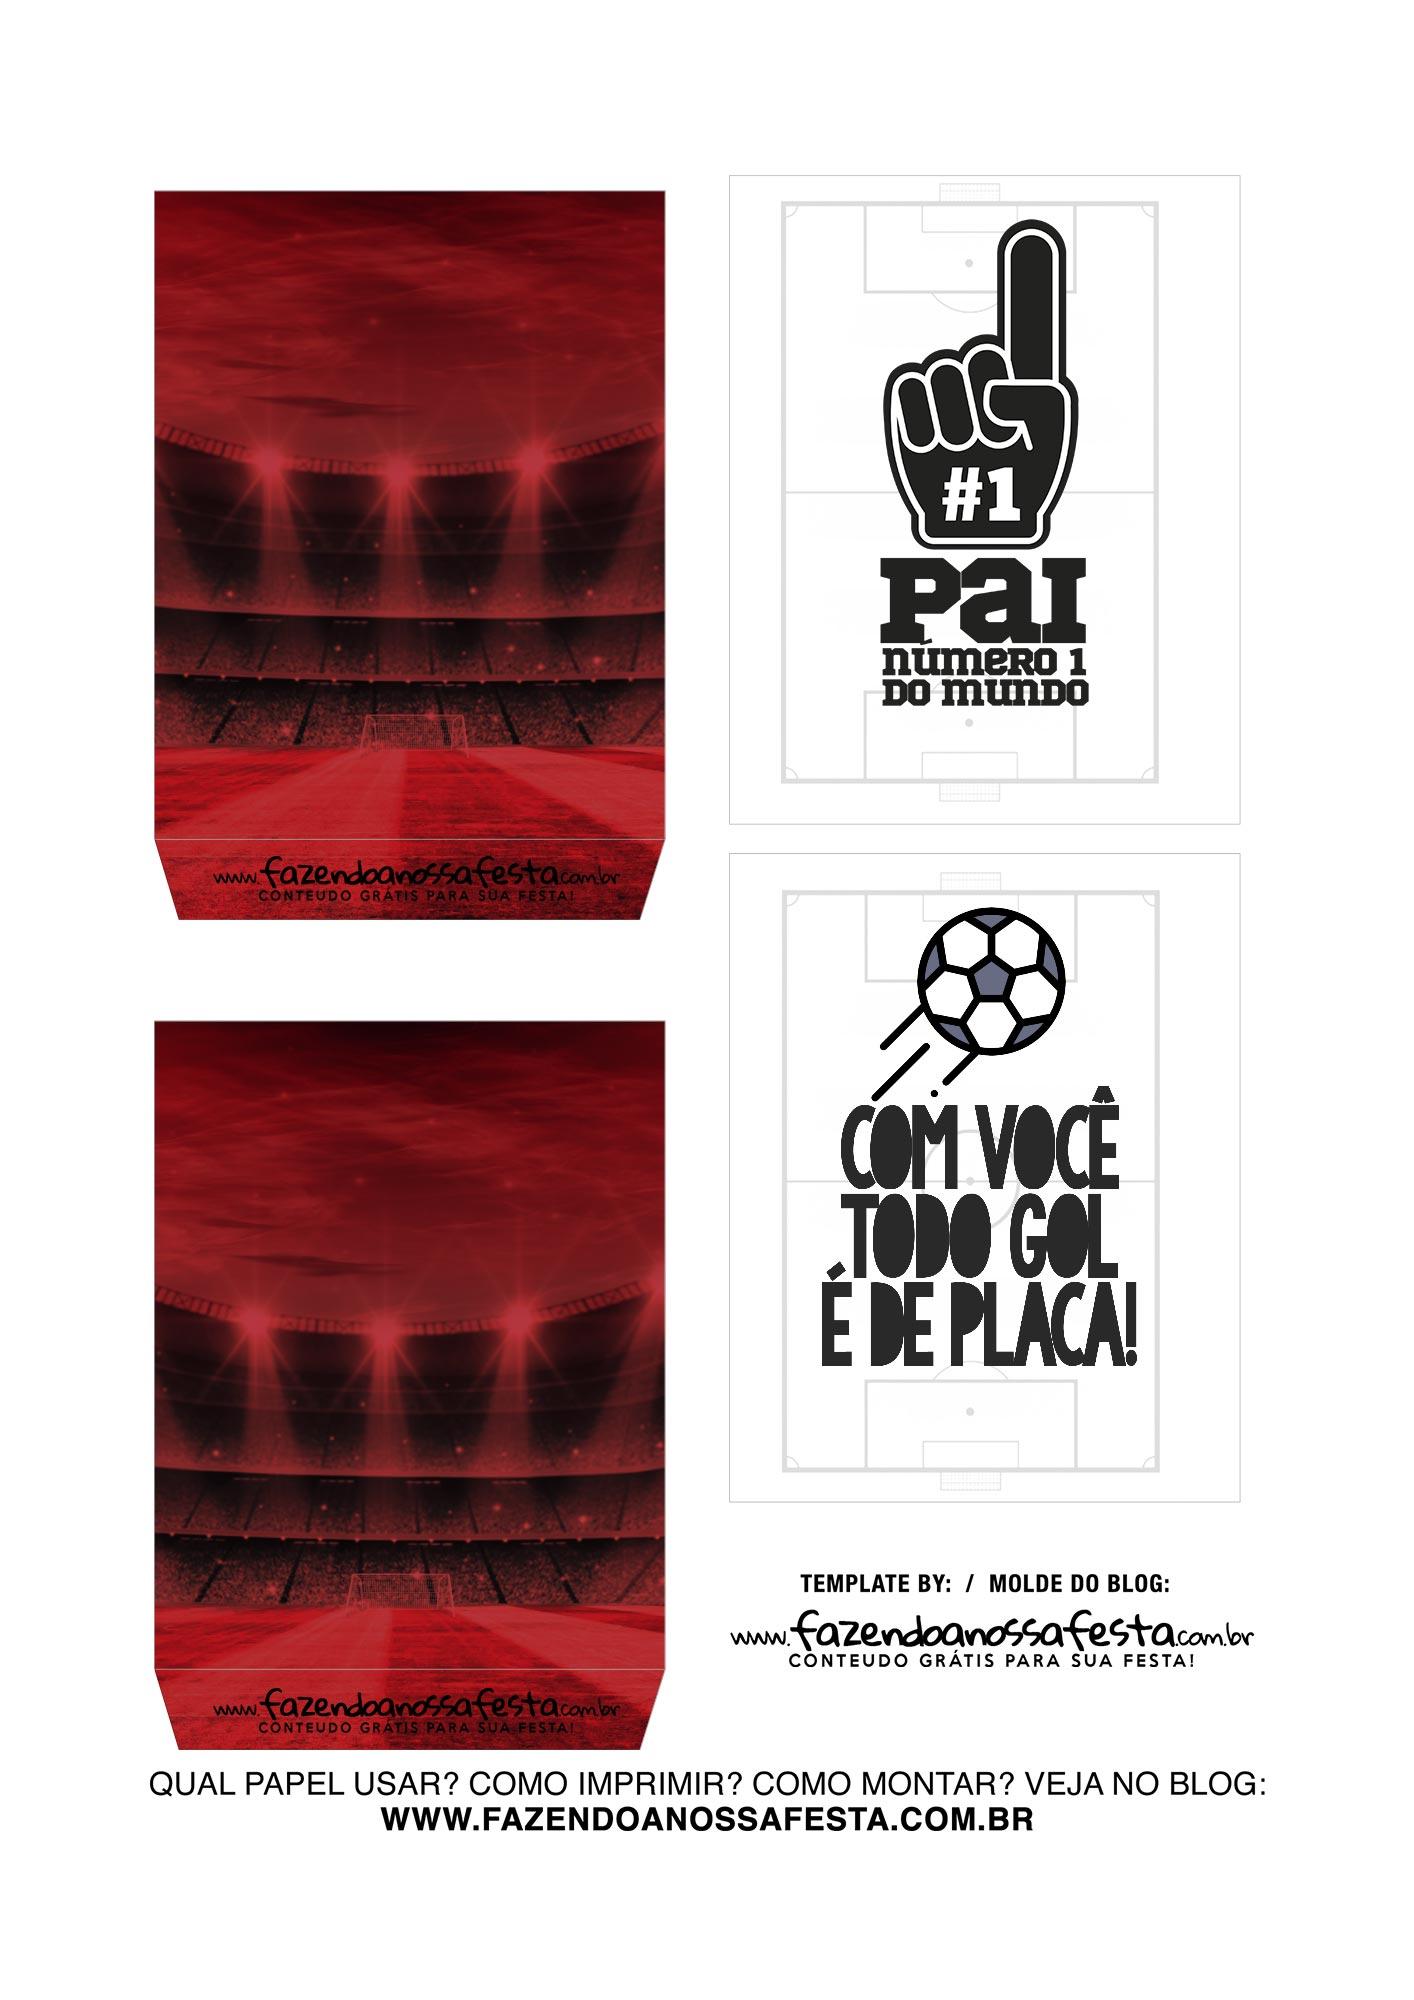 Caixa Explosao Dia dos Pais Times Flamengo Parte 3